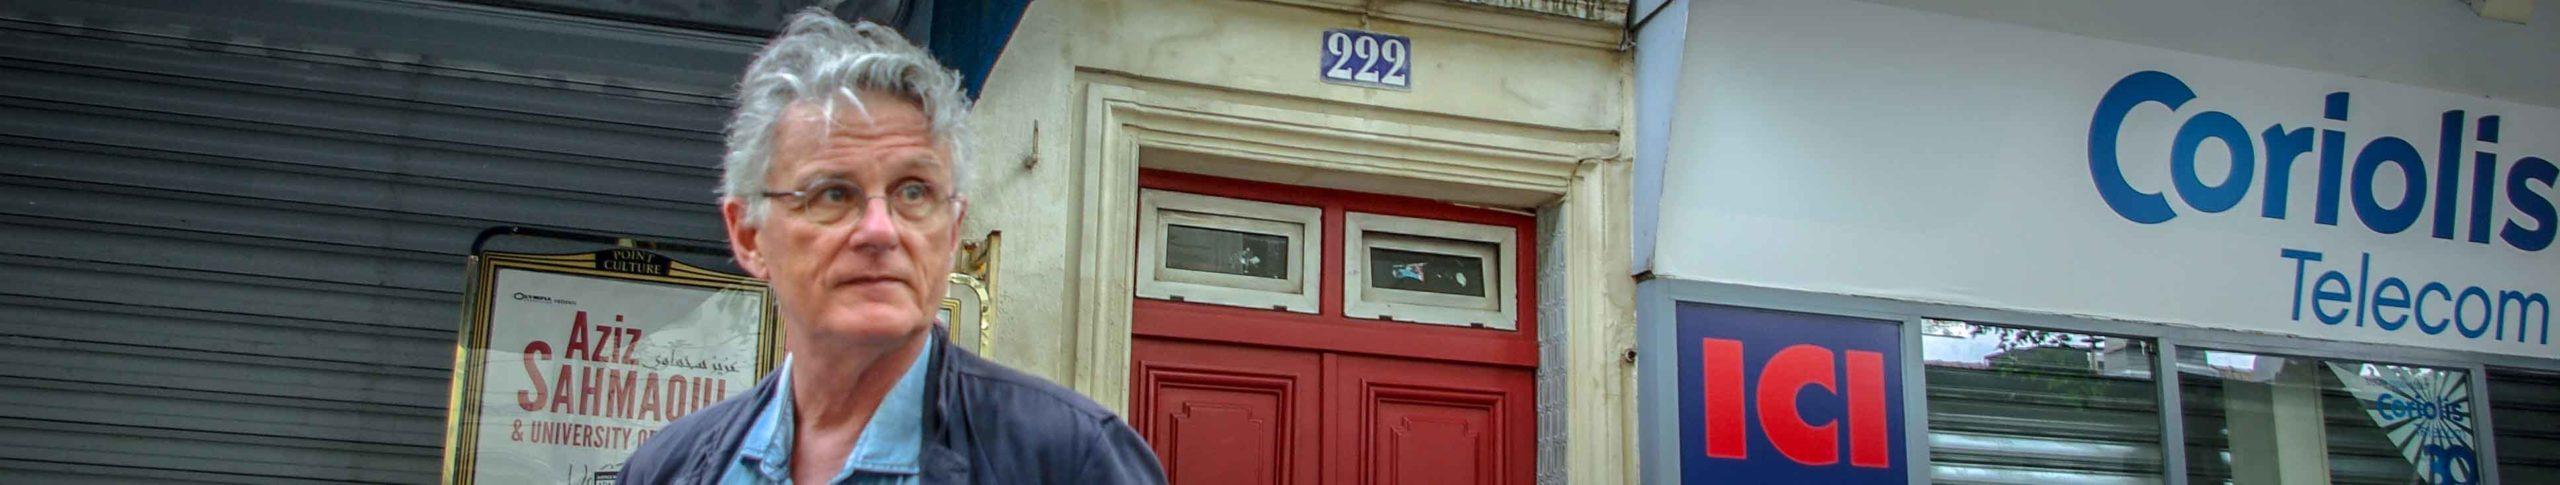 Gérard Mordillat devant l'immeuble de son enfance, rue des Pyrénées @J.Barret - Copie